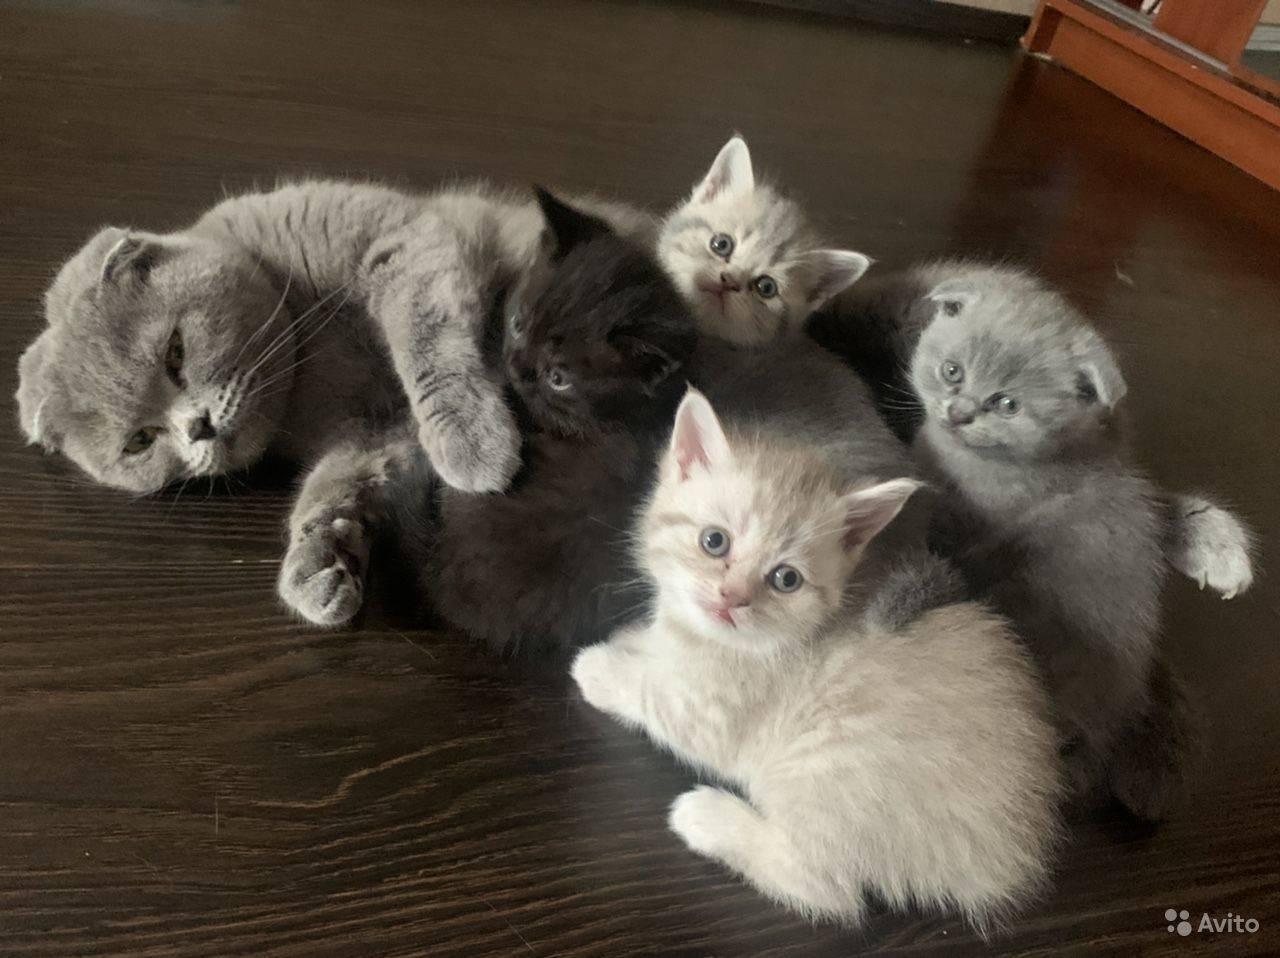 Когда котята начинают есть самостоятельно когда котята начинают есть самостоятельно